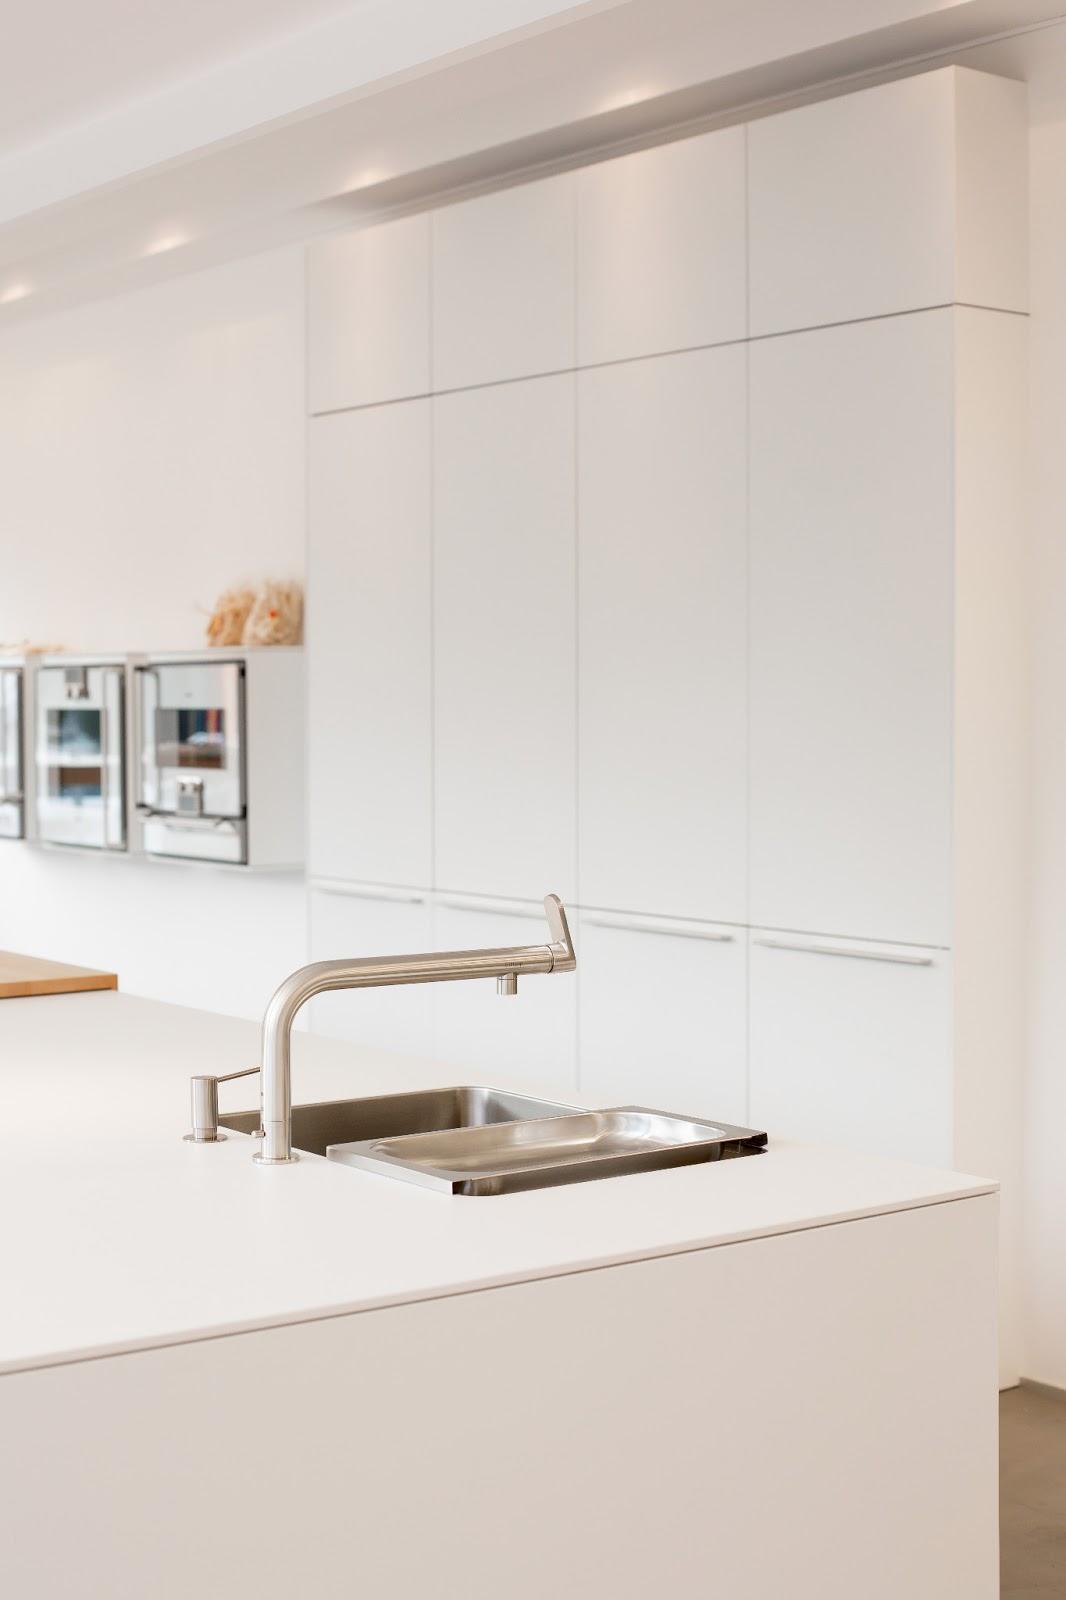 jess april 2013. Black Bedroom Furniture Sets. Home Design Ideas